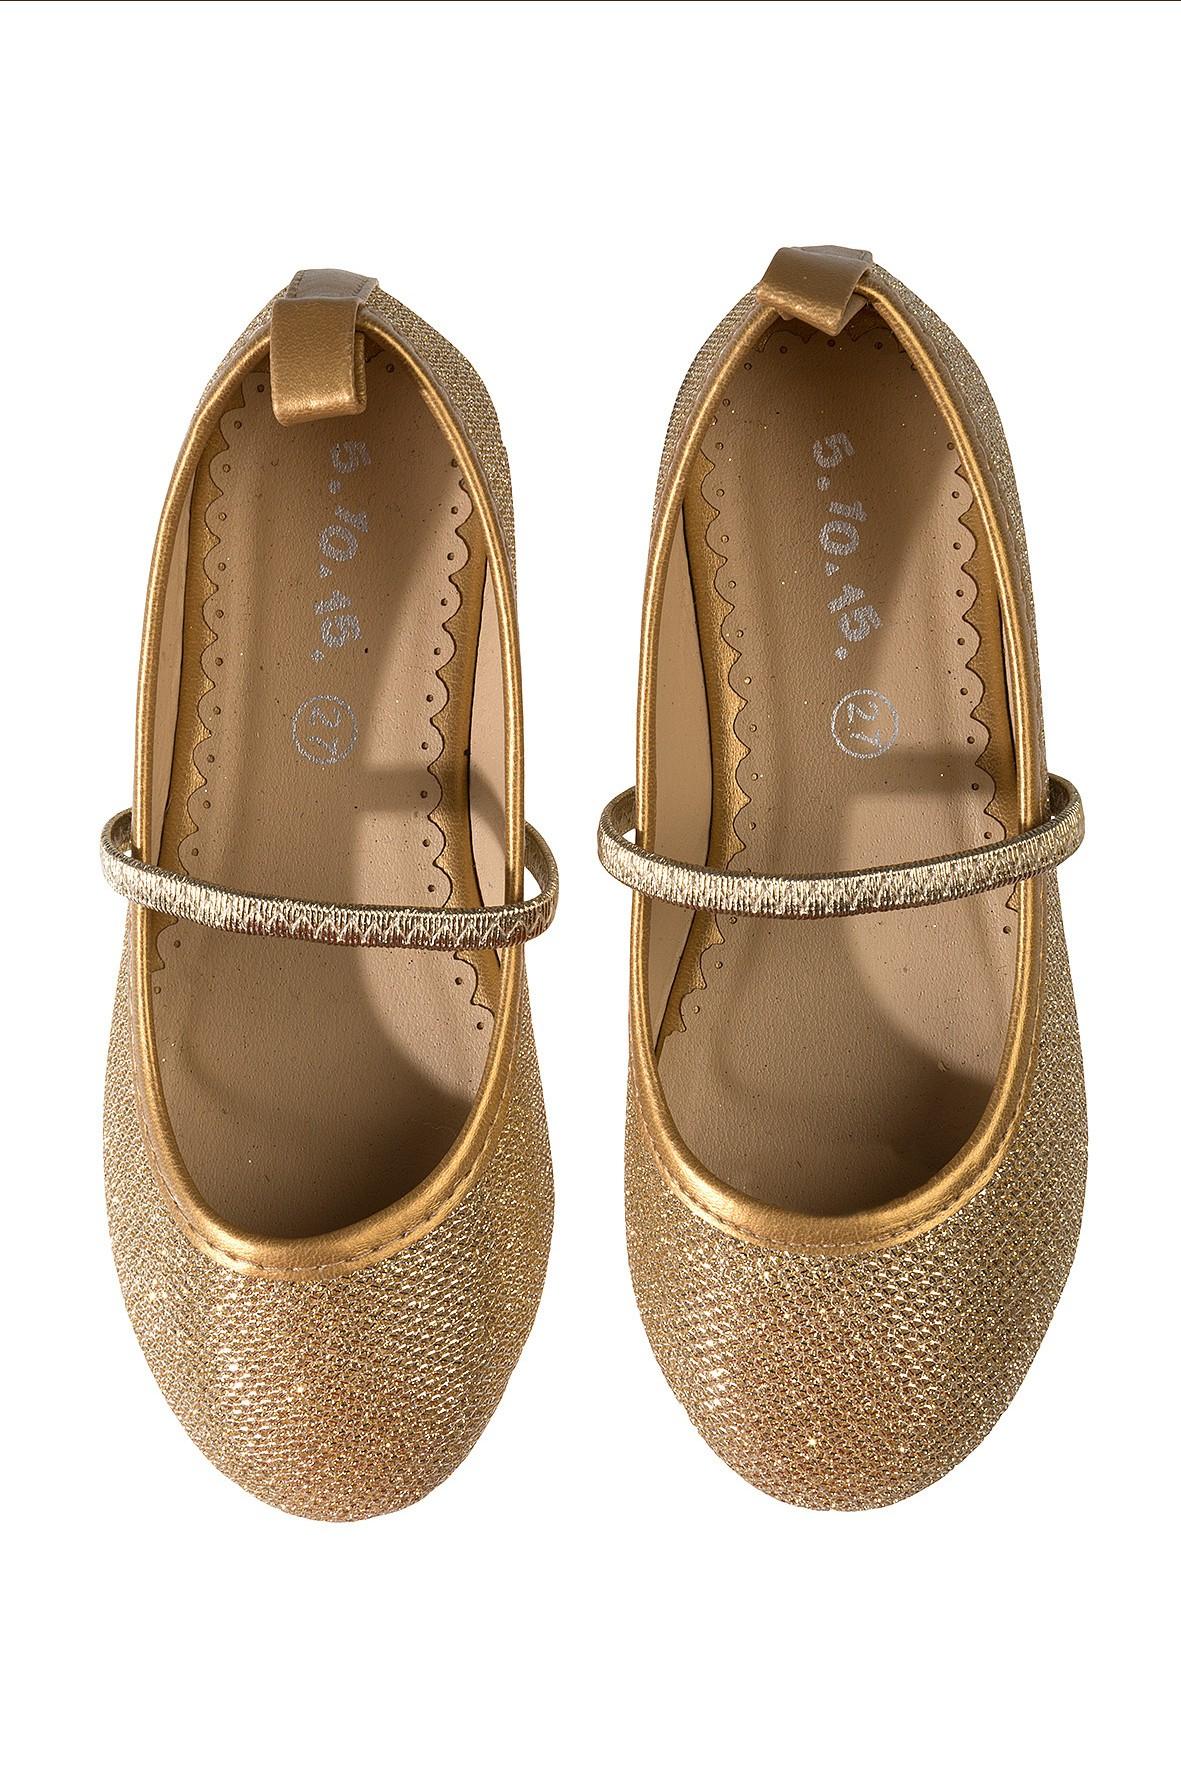 354db349fd6 Baleriny buty dla dziewczynki · Baleriny buty dla dziewczynki